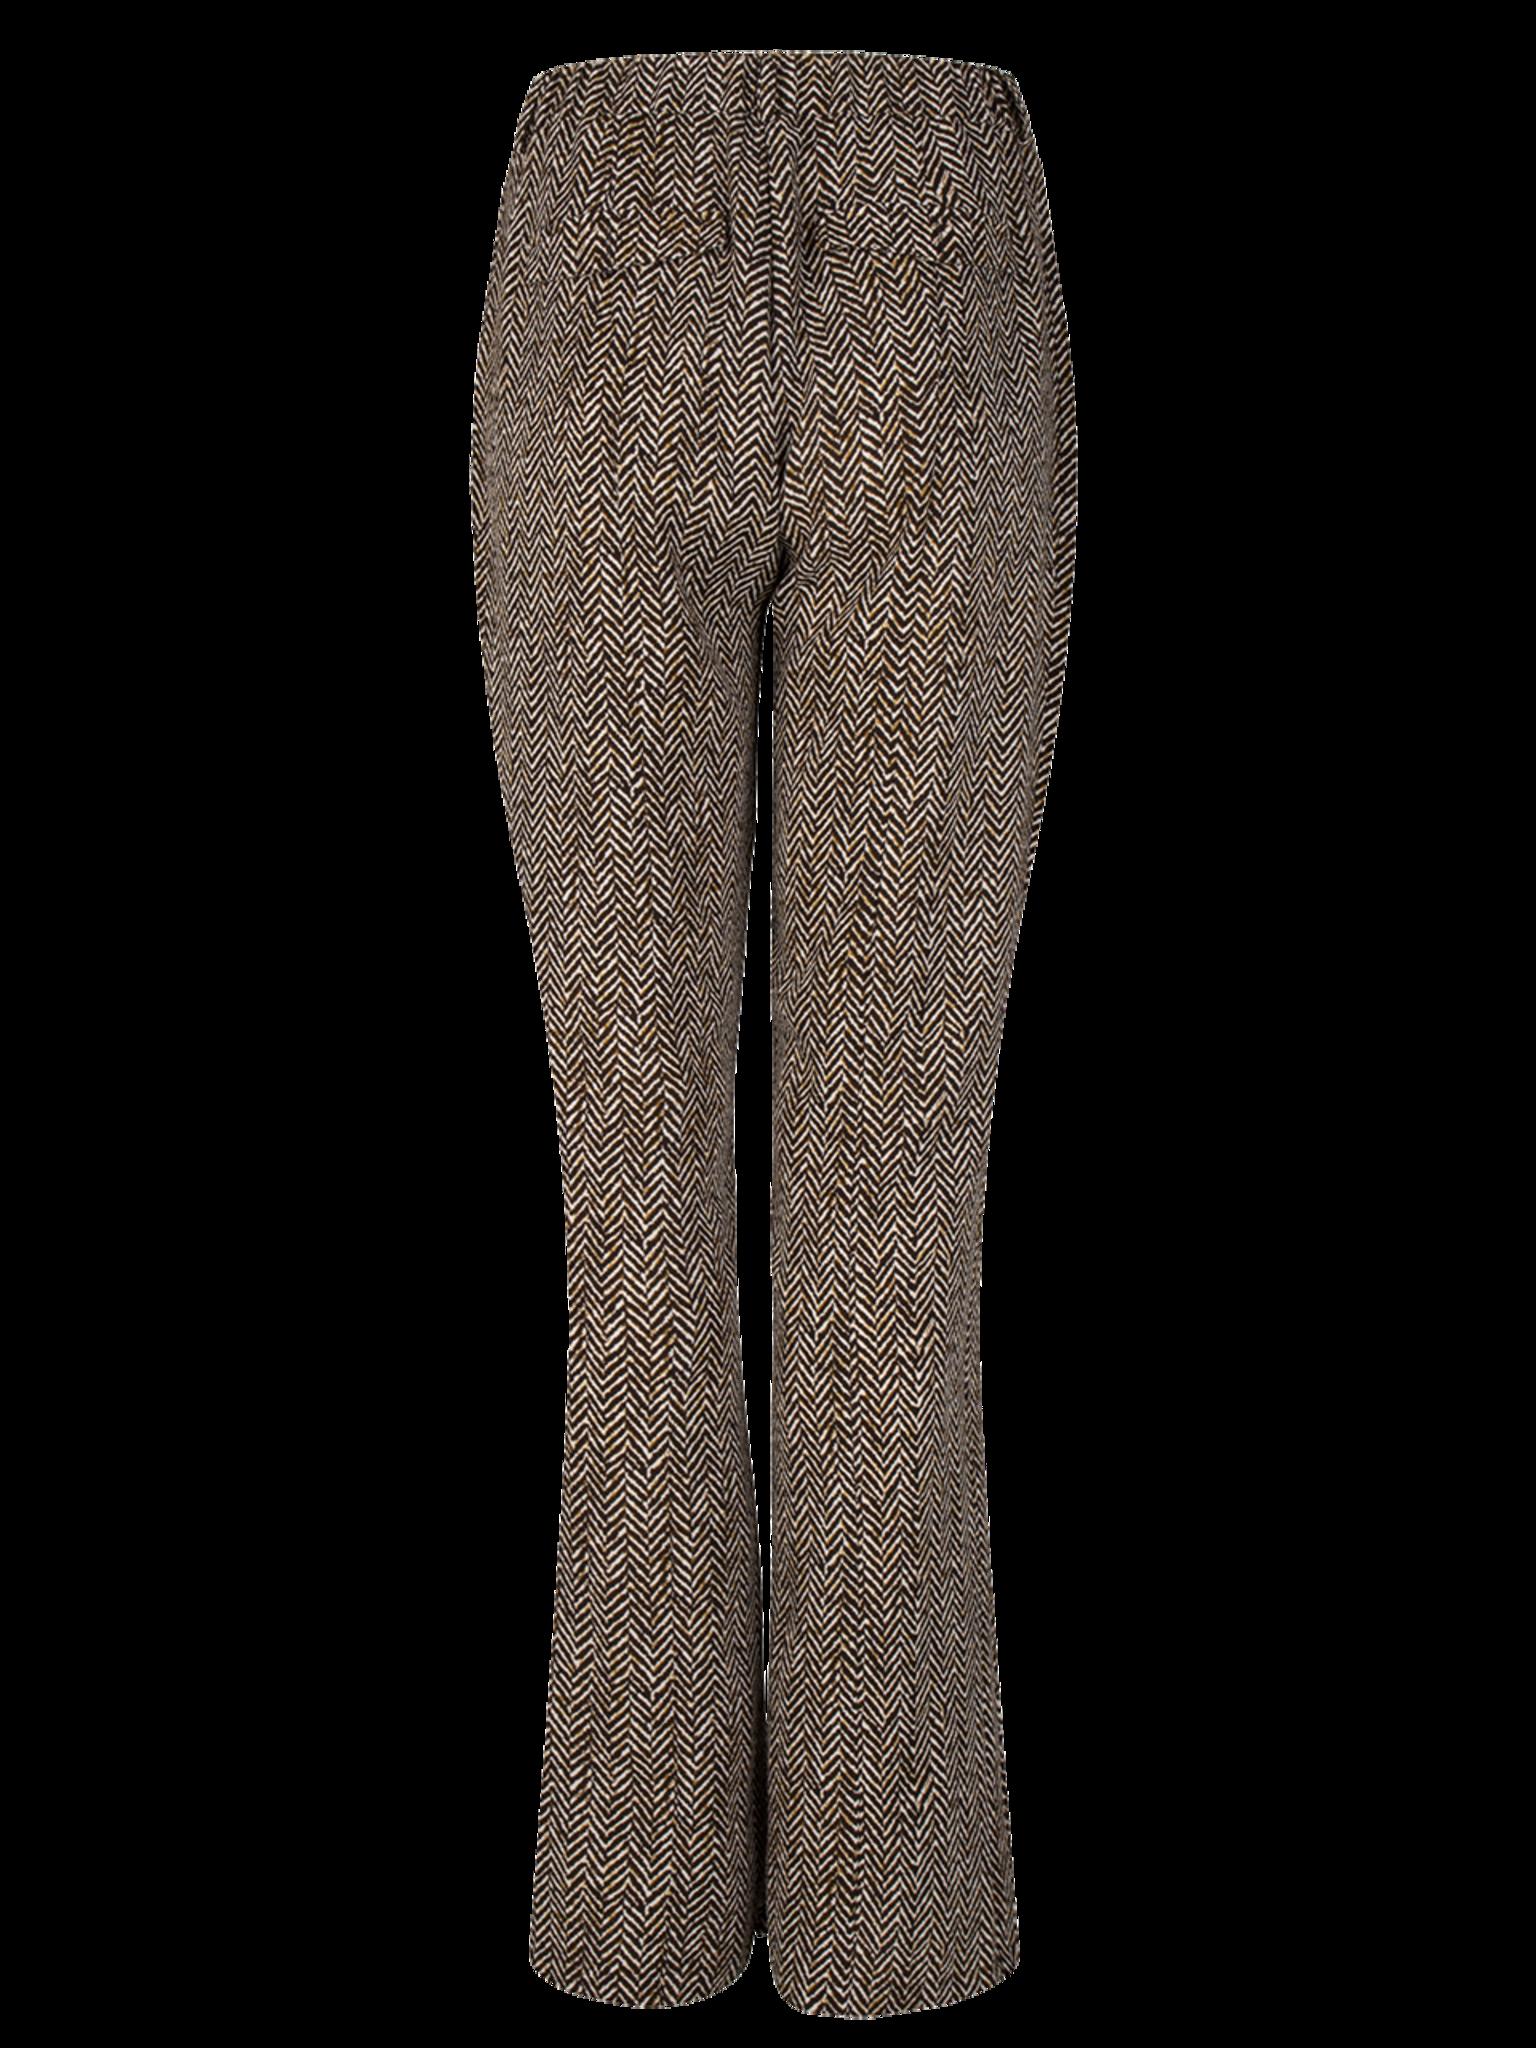 Dante 6 Trouser 204510 GOLDON-2